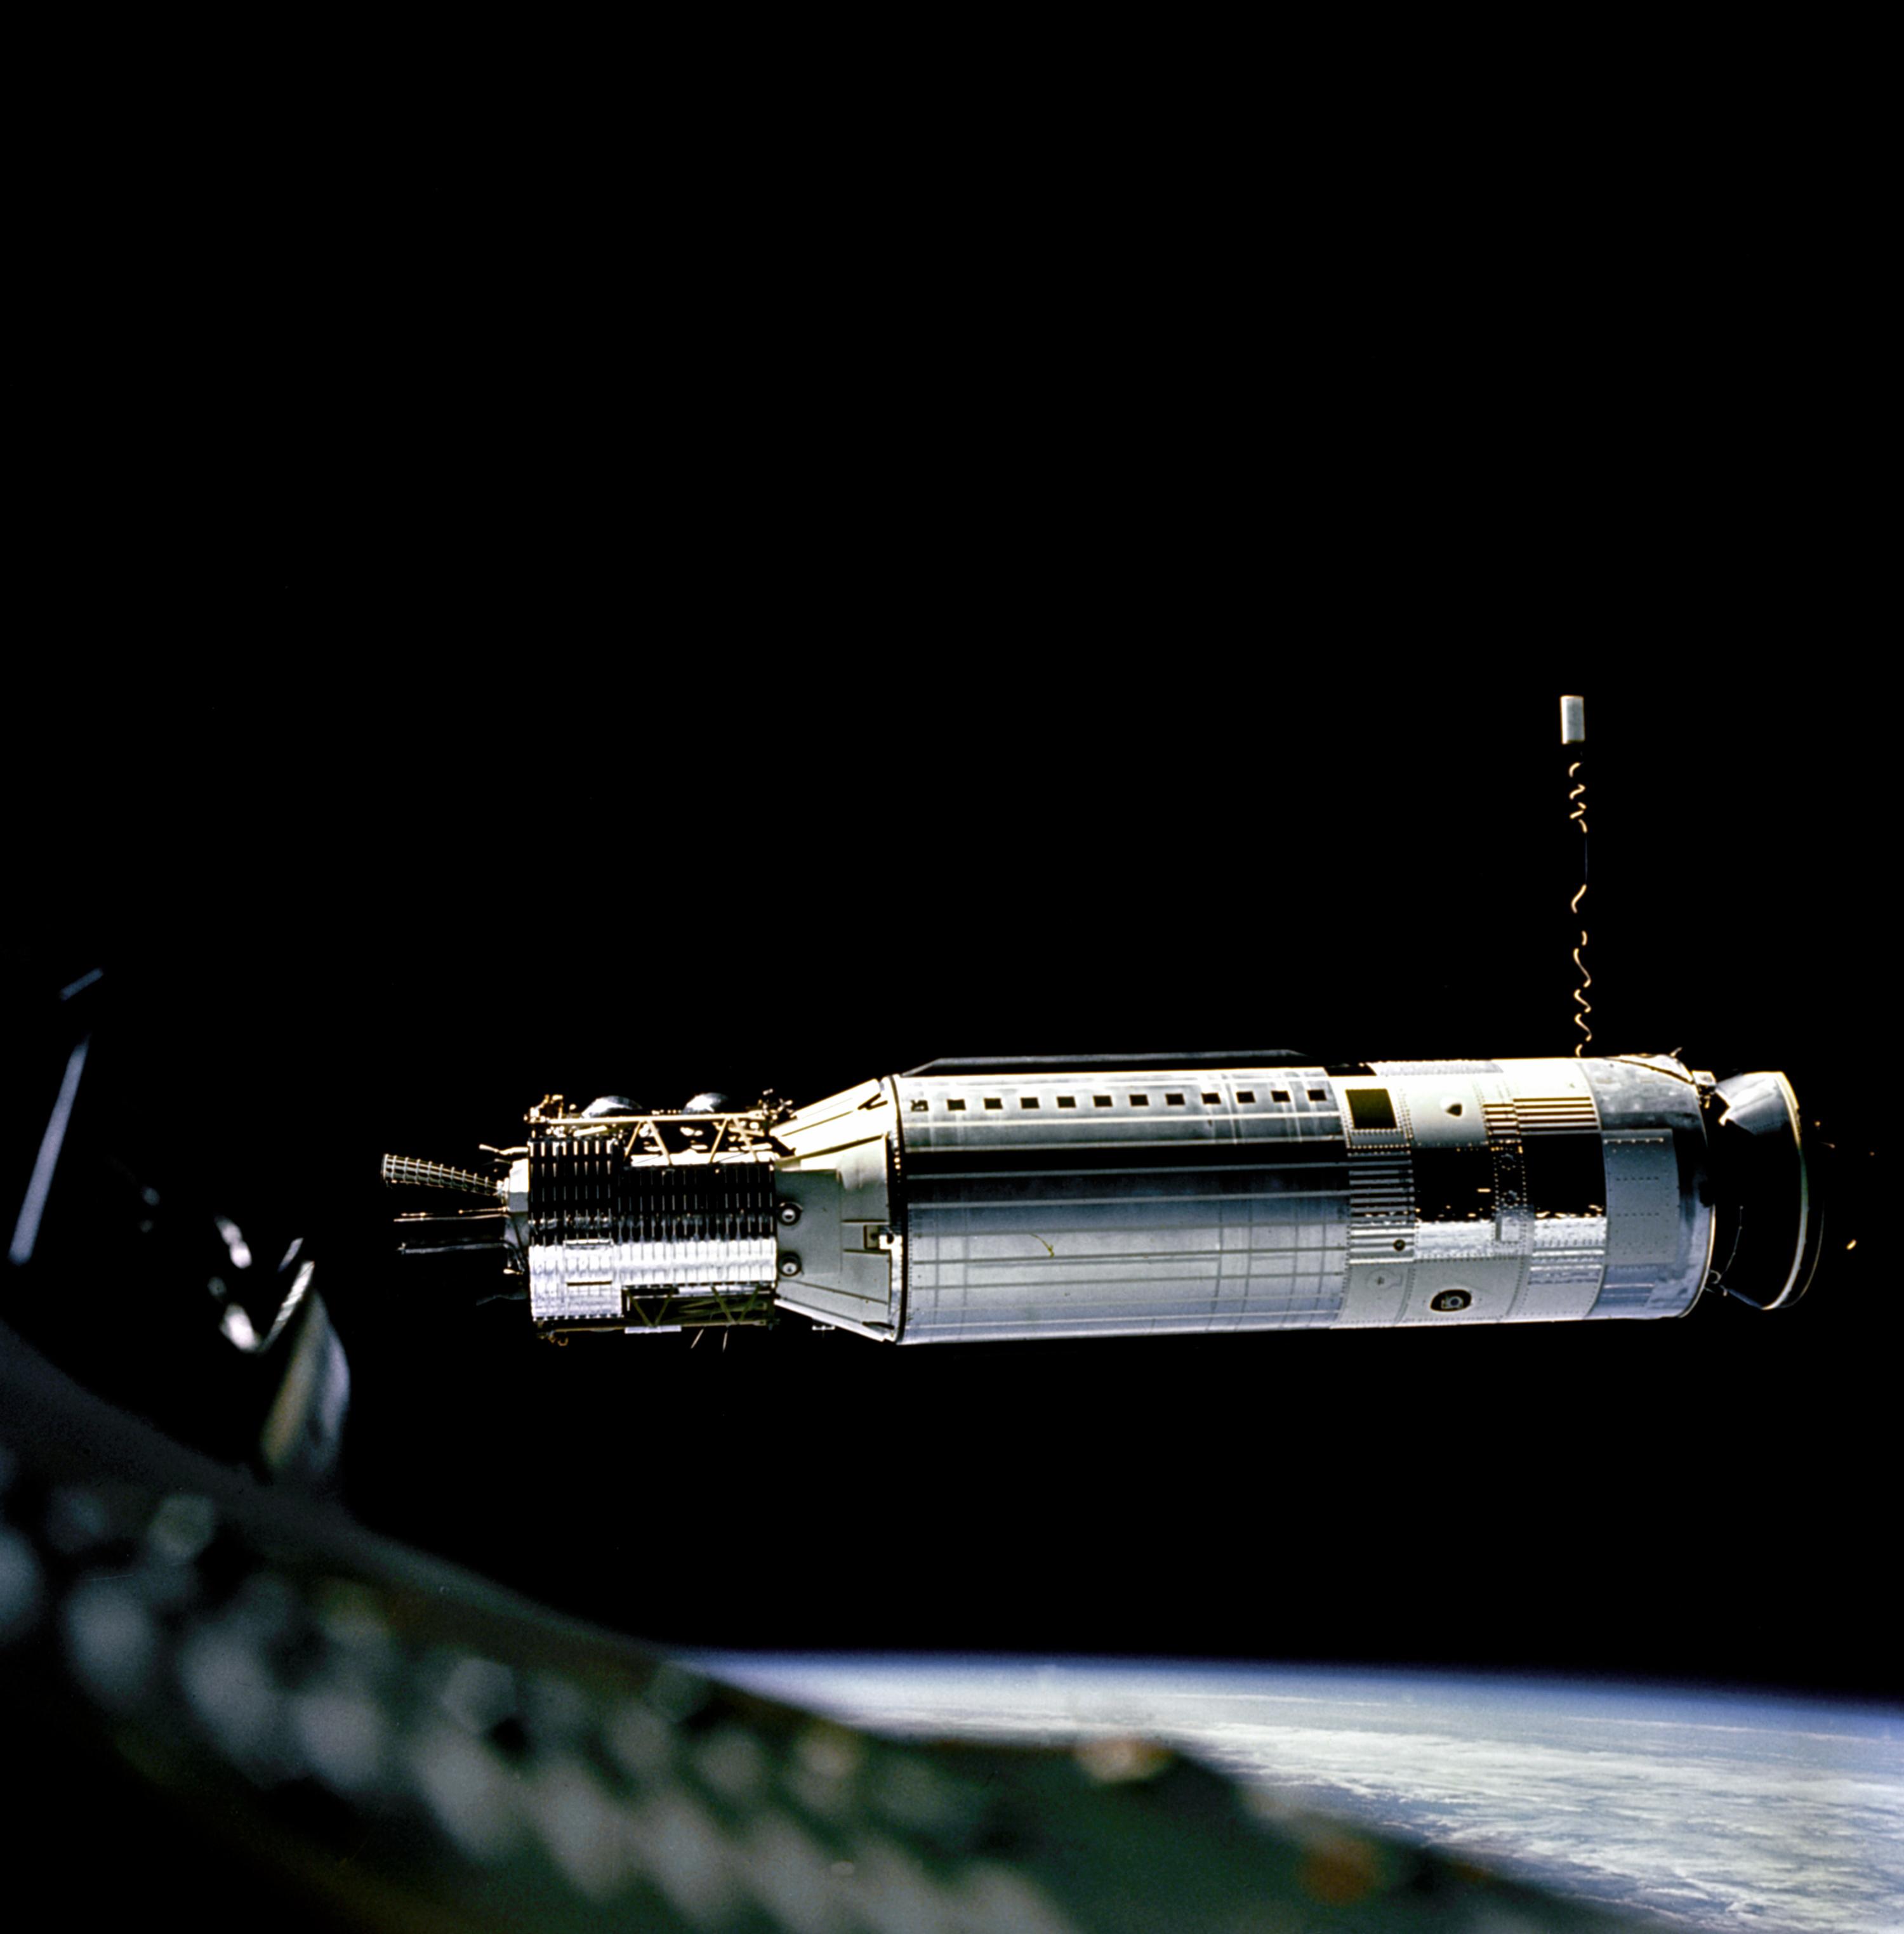 gemini 8 16 märz 2016  kurz darauf startete eine titan-rakete mit dem raumschiff gemini 8 an bord  waren david scott und neil armstrong ziel der mission war das.